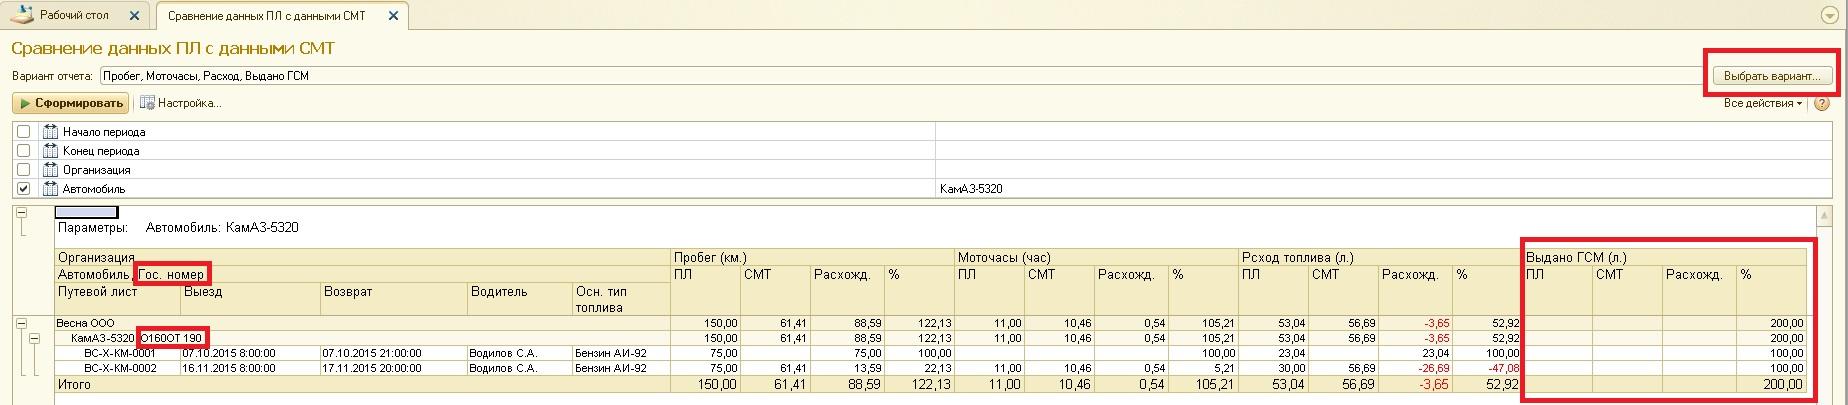 Отчет сравнения данных из wialon с данными 1с